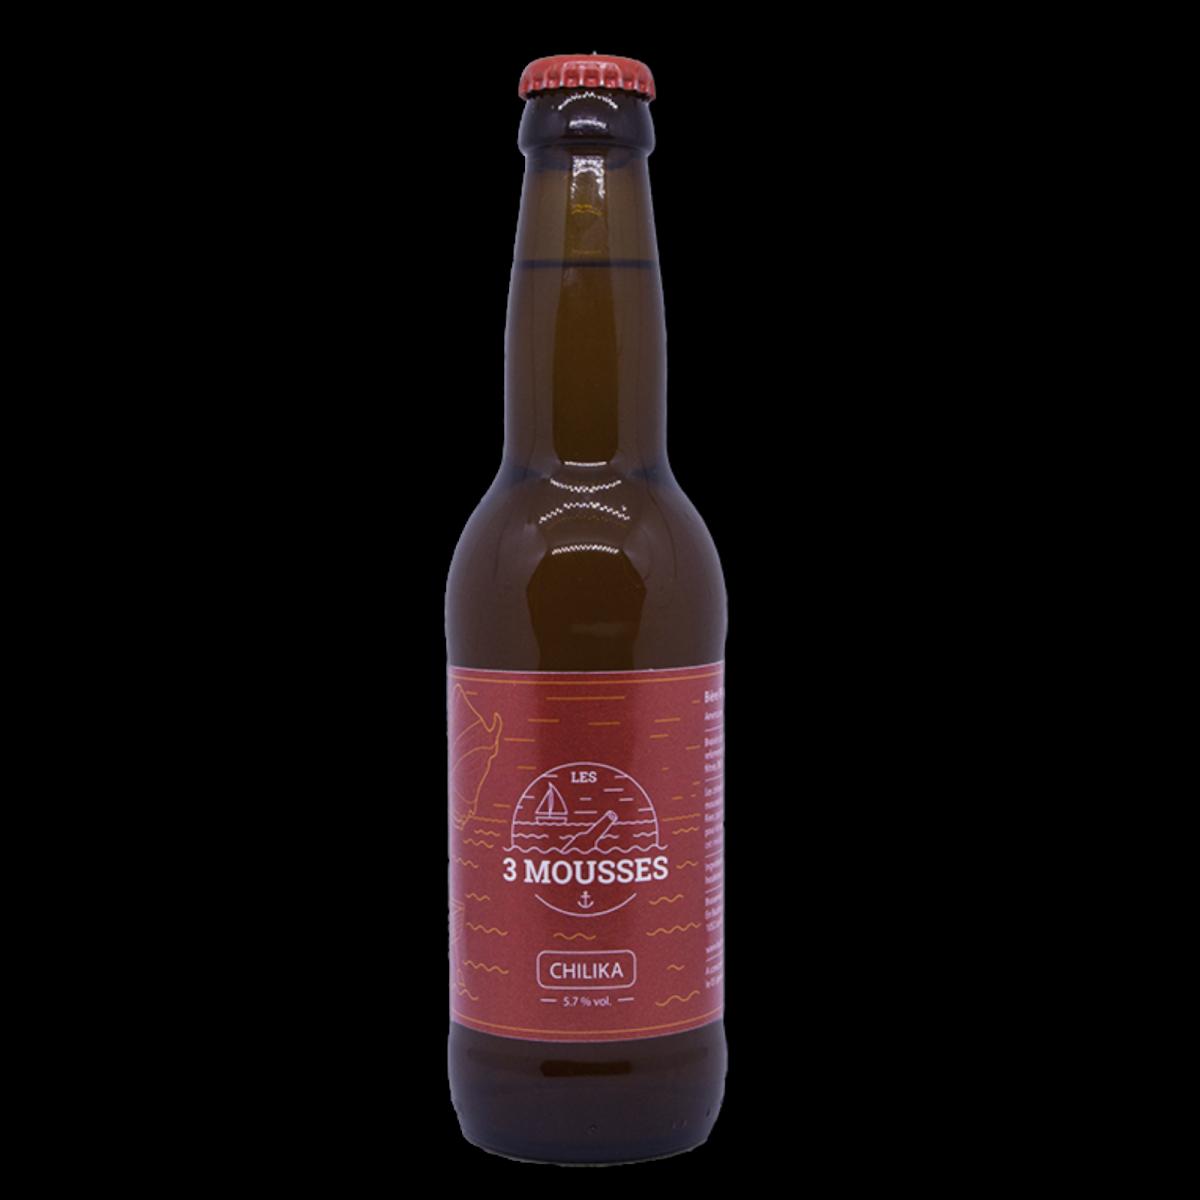 Chilika - Les 3 Mousses - Alcools - B3M6